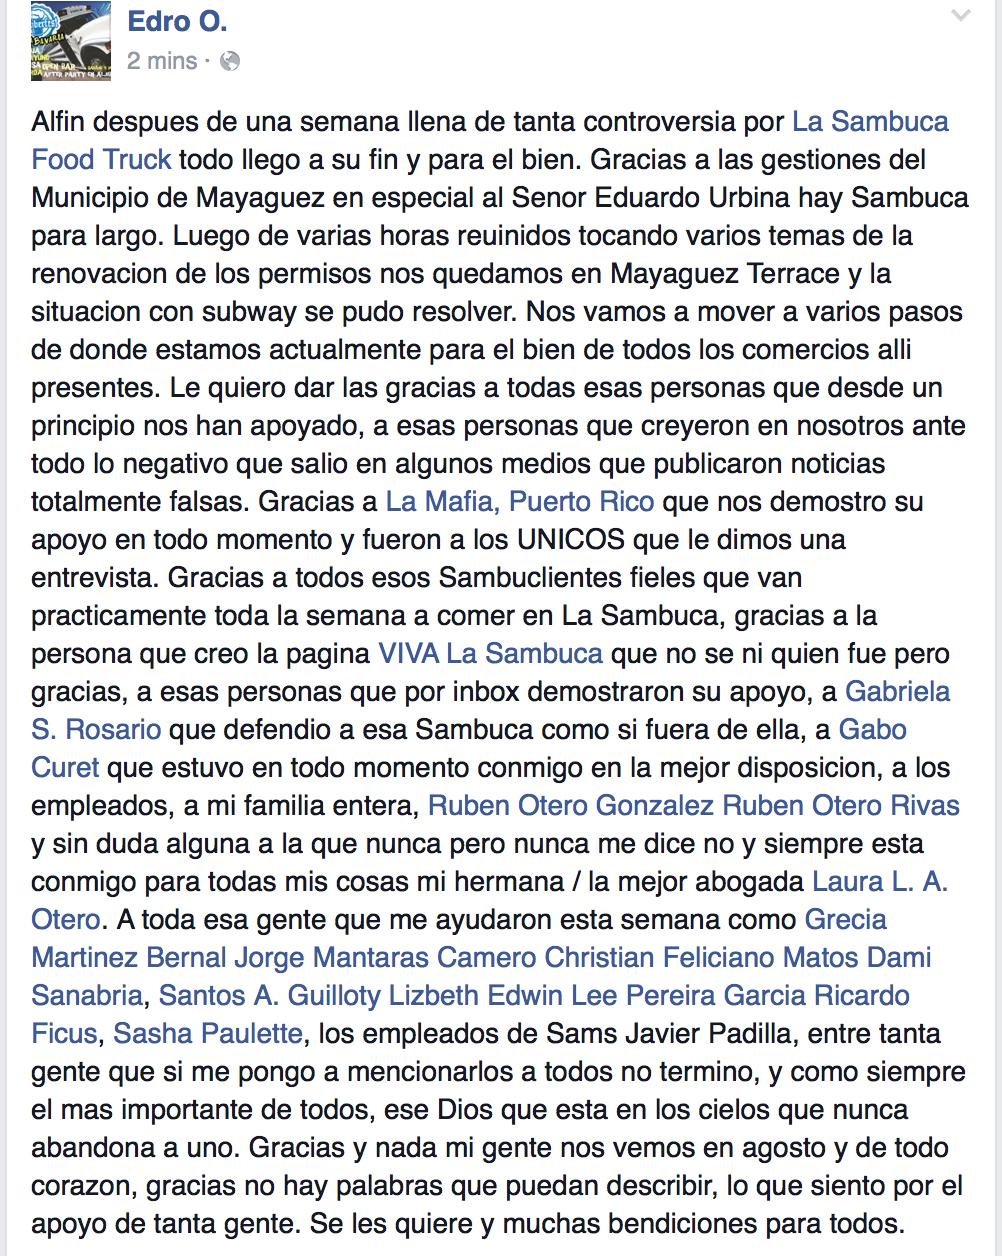 Declaración pública por Adrián Otero, dueño de La Sambuca Foodtruck en Facebook sobre el resultado de la situación